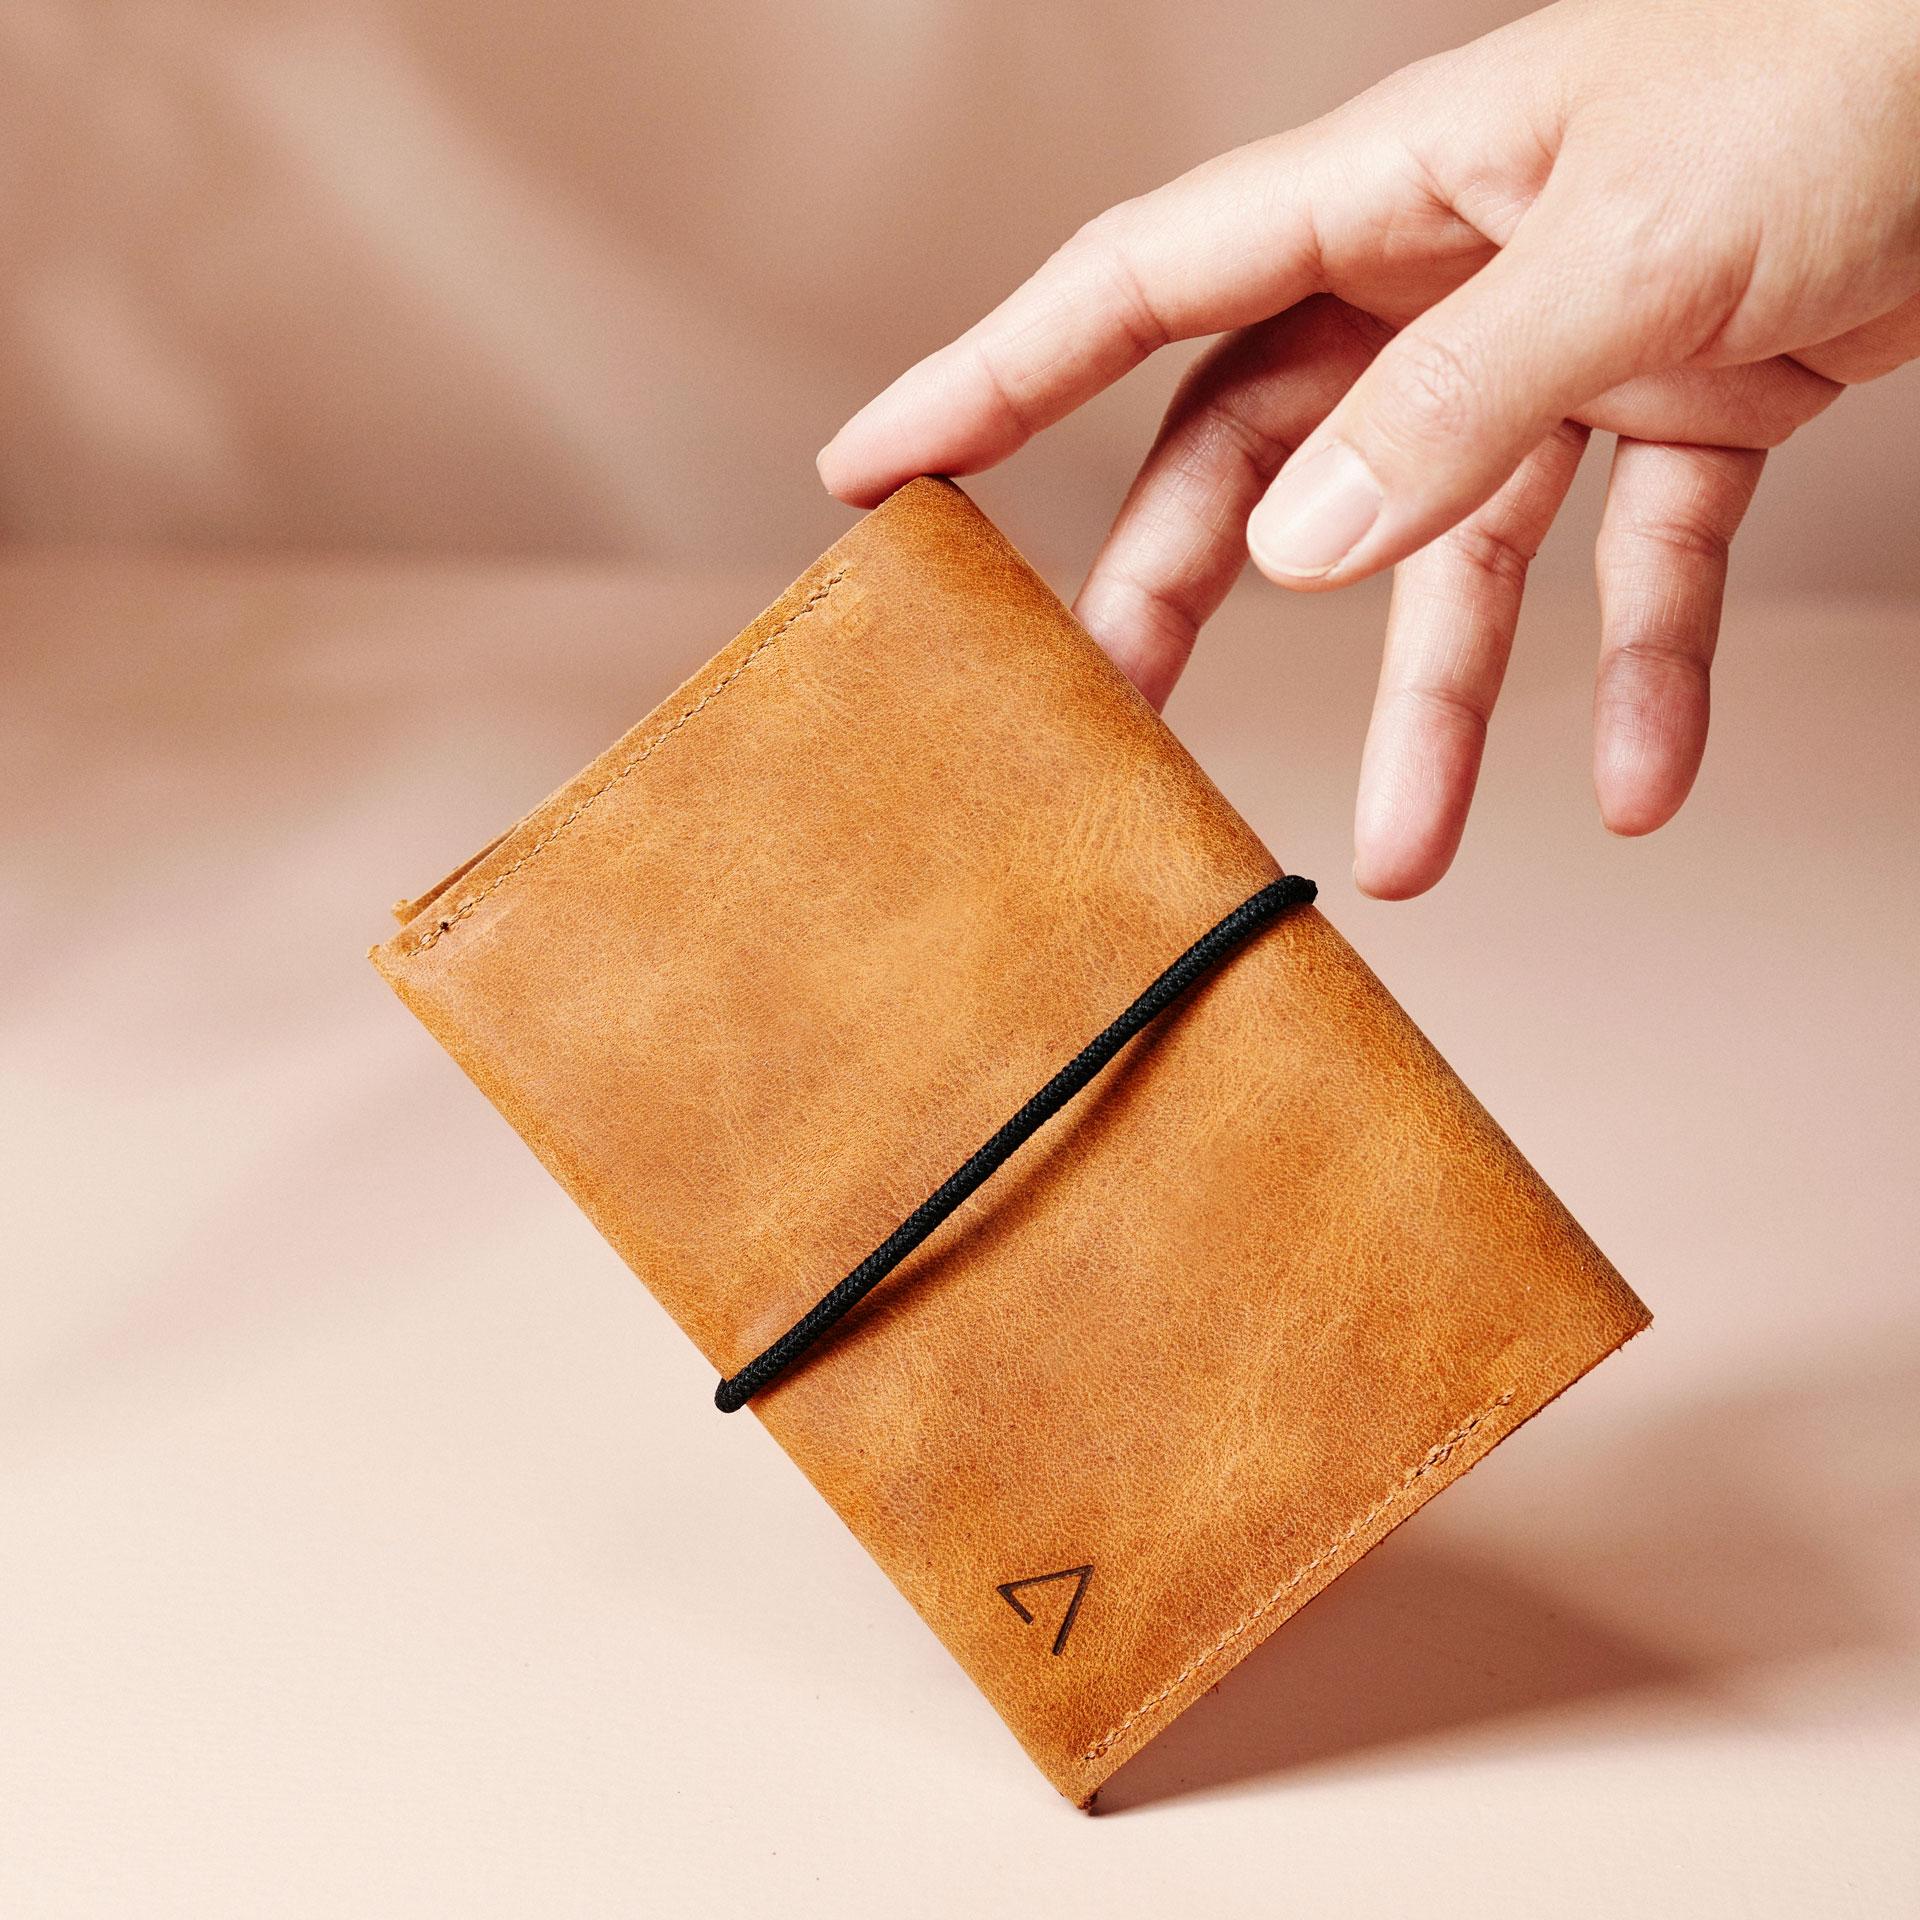 Portemonnaie OLI large im Größenvergleich mit Handy, Laptop und einer Tasse Kaffee.